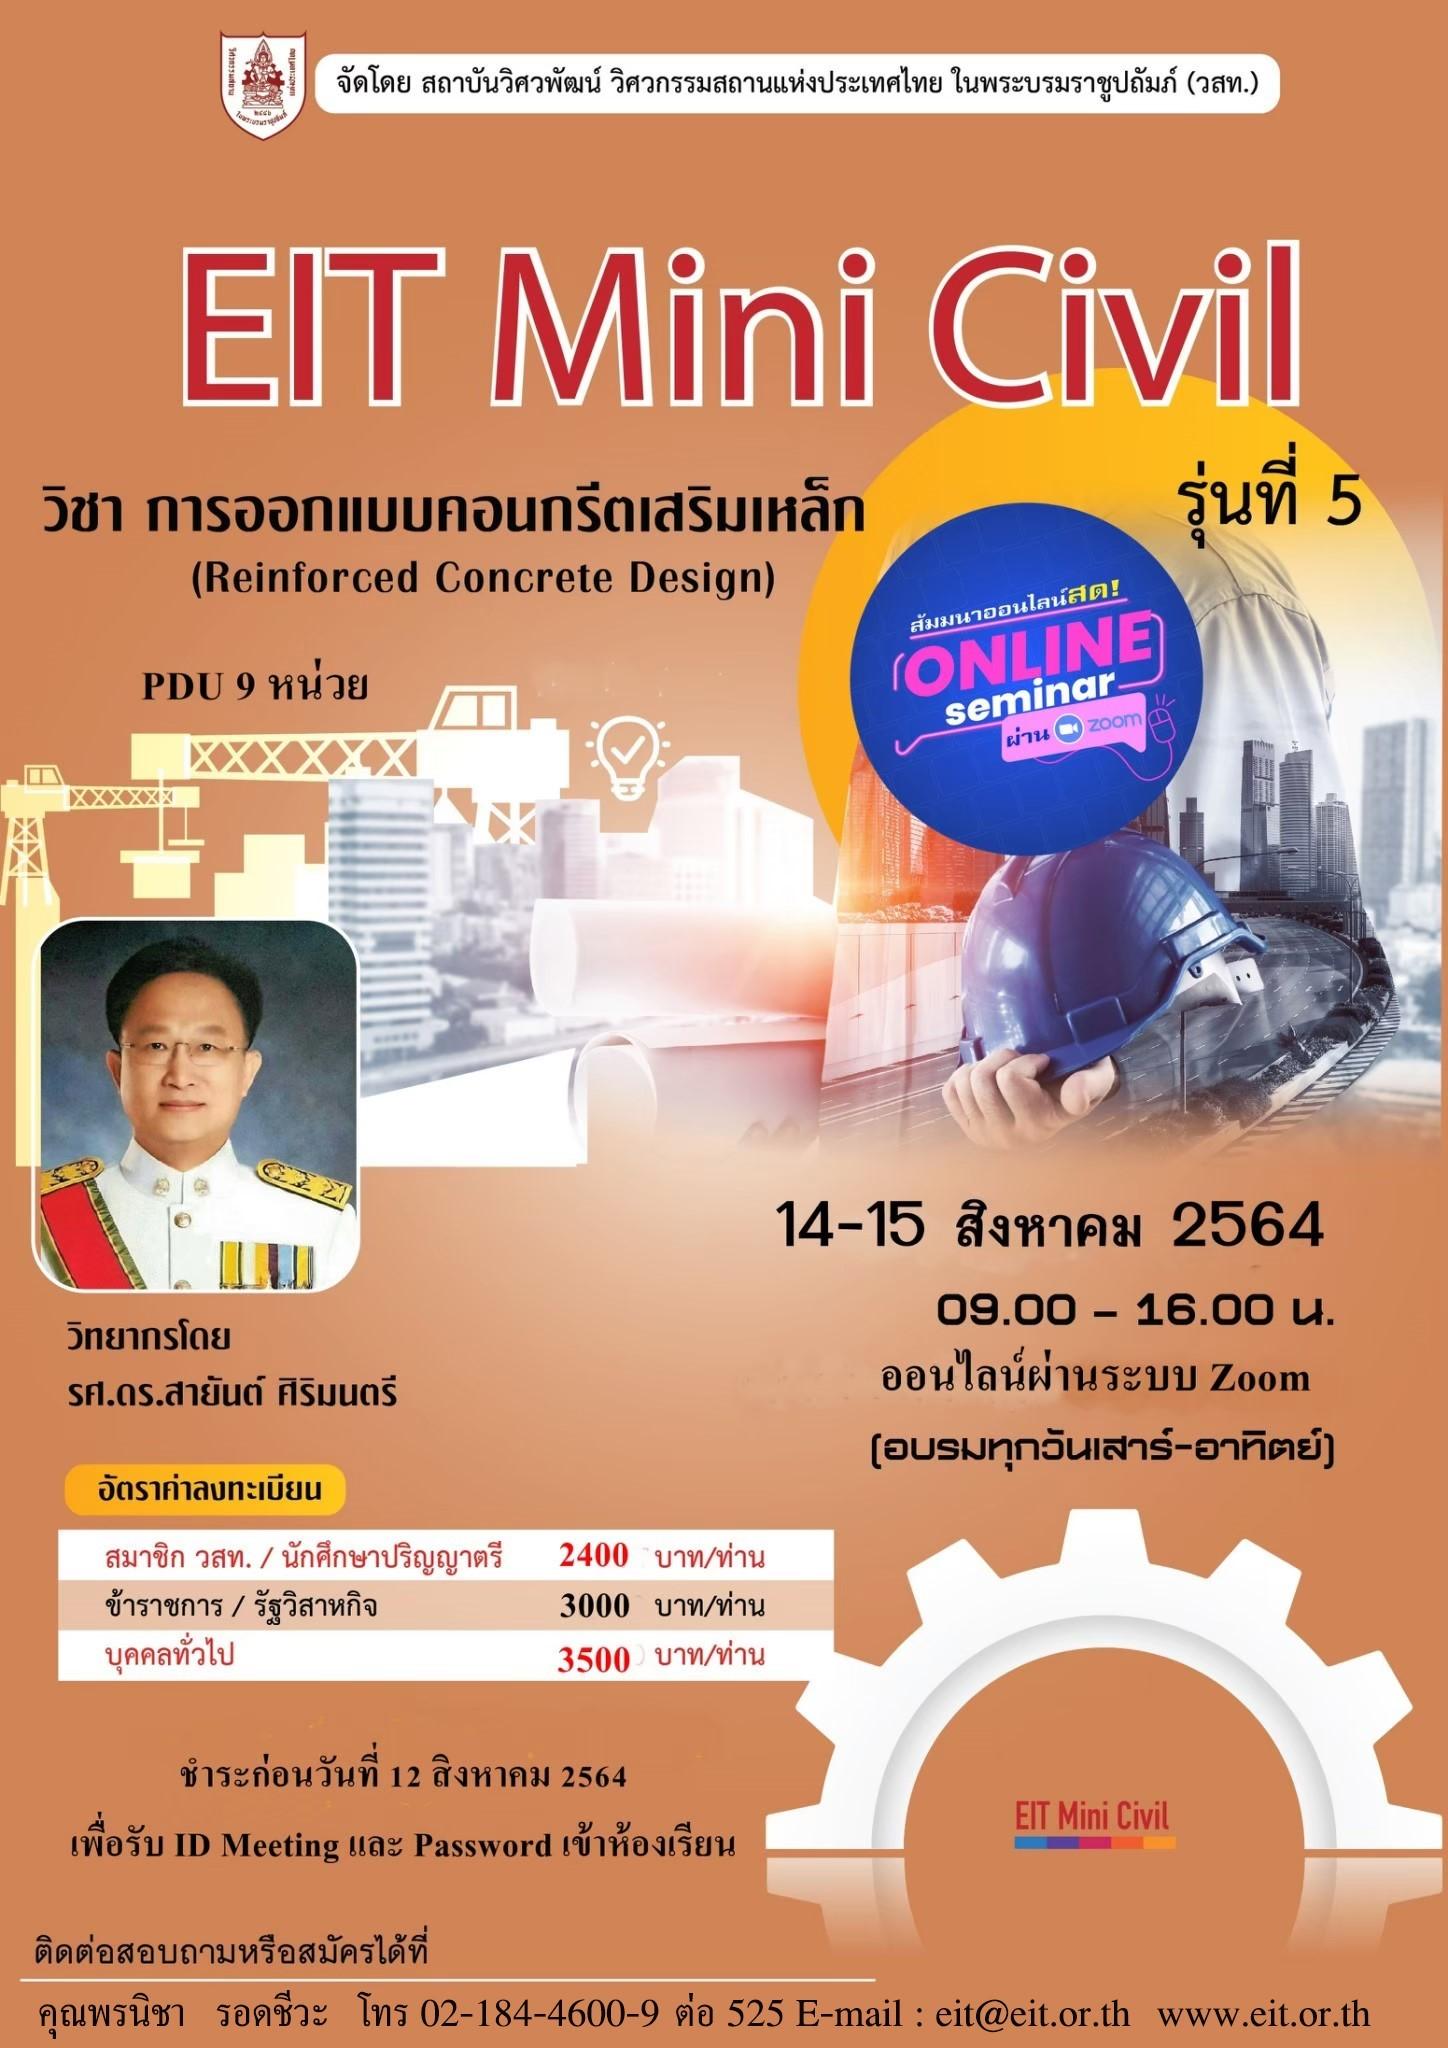 14-15/08/2564 การอบรมหลักสูตร EIT Mini Civil รุ่นที่ 5 วิชาที่ 5 การออกแบบคอนกรีตเสริมเหล็ก (Reinforced Concrete Design) (อบรมออนไลน์ผ่านโปรแกรม ZOOM)